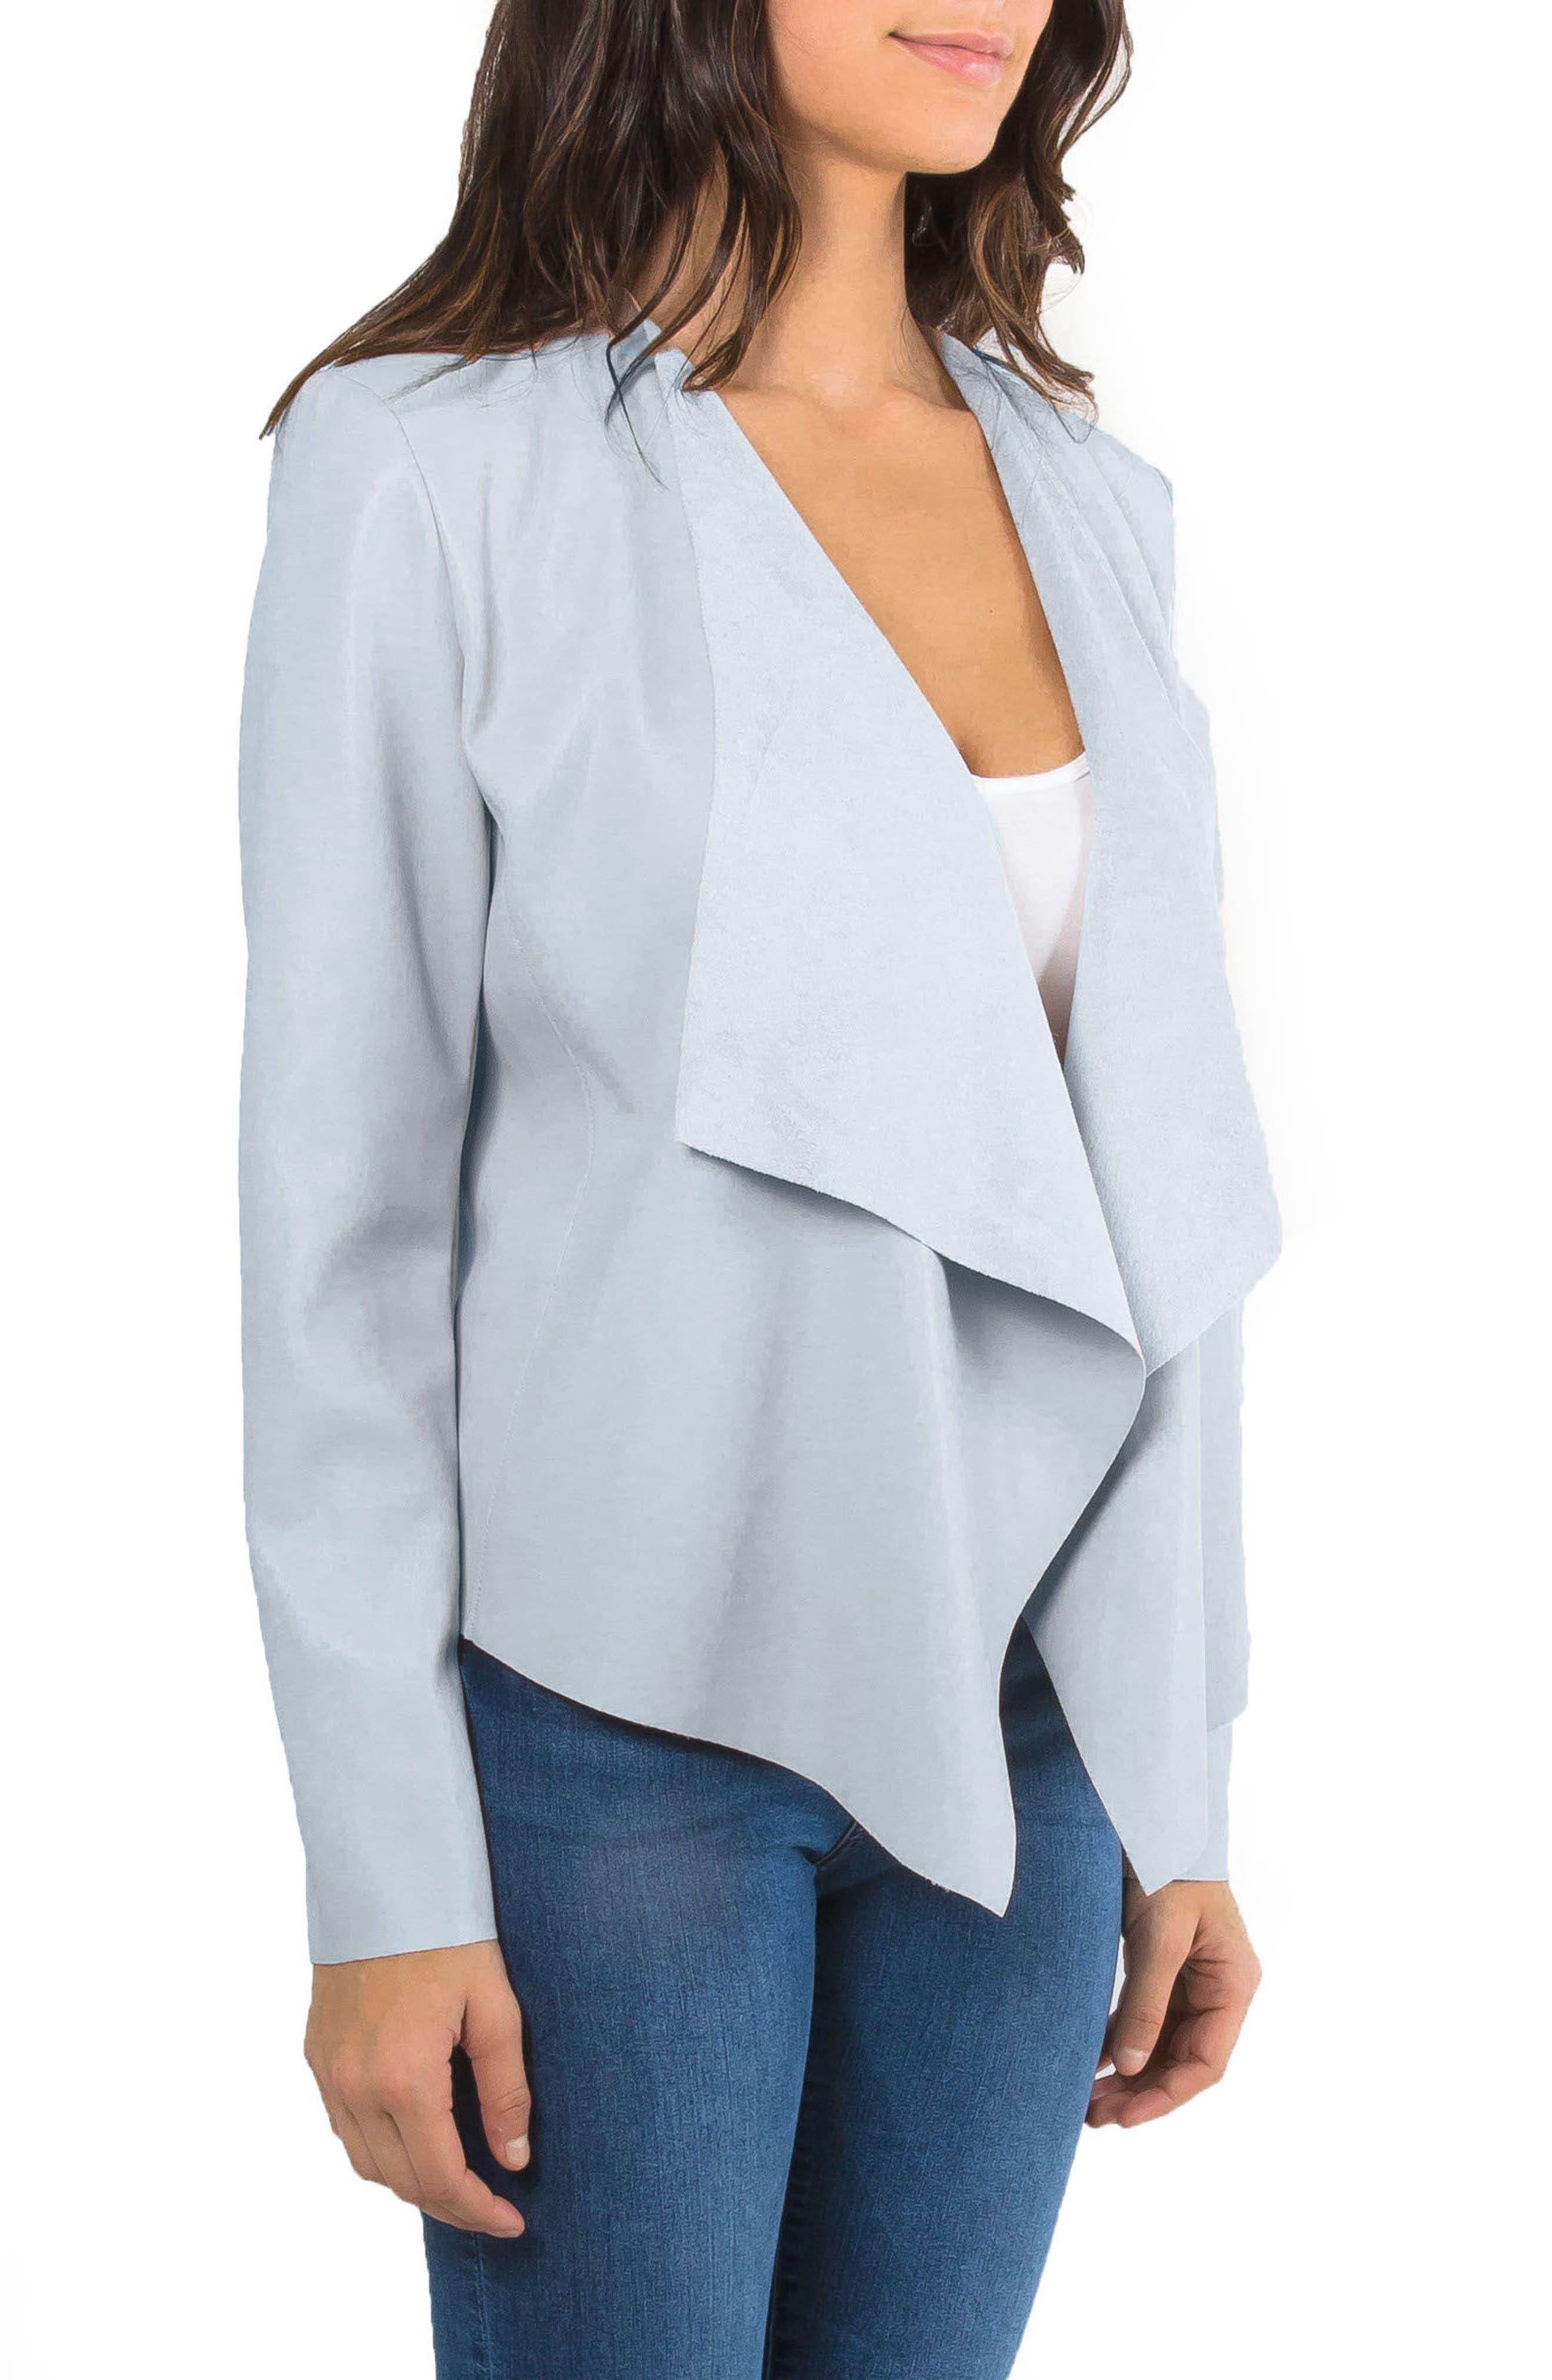 Alternate Image 3  - Bagatelle Drape Faux Leather Jacket